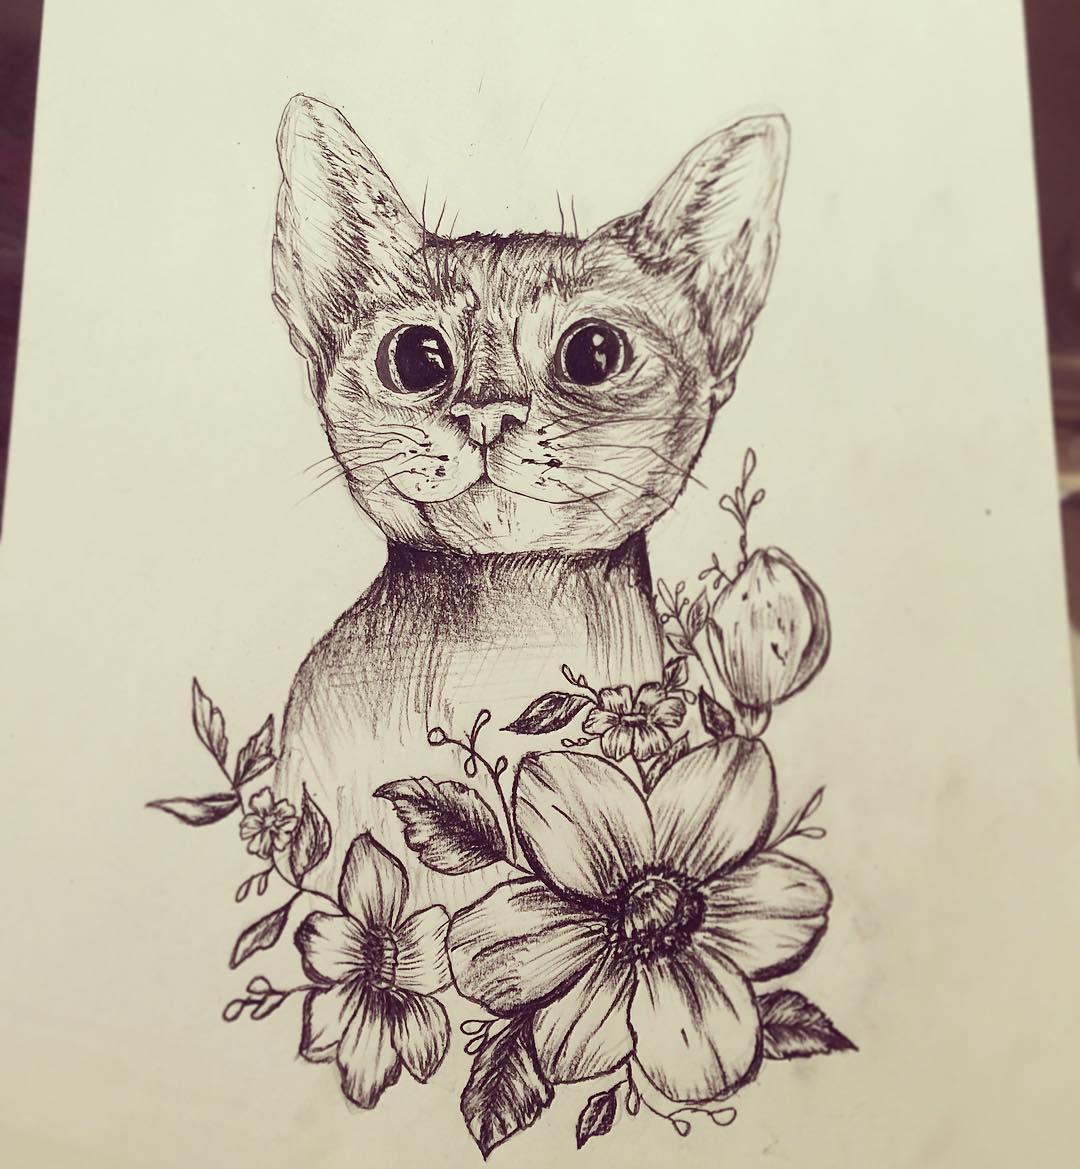 做仓库经理的吉小姐猫咪纹身手稿图片